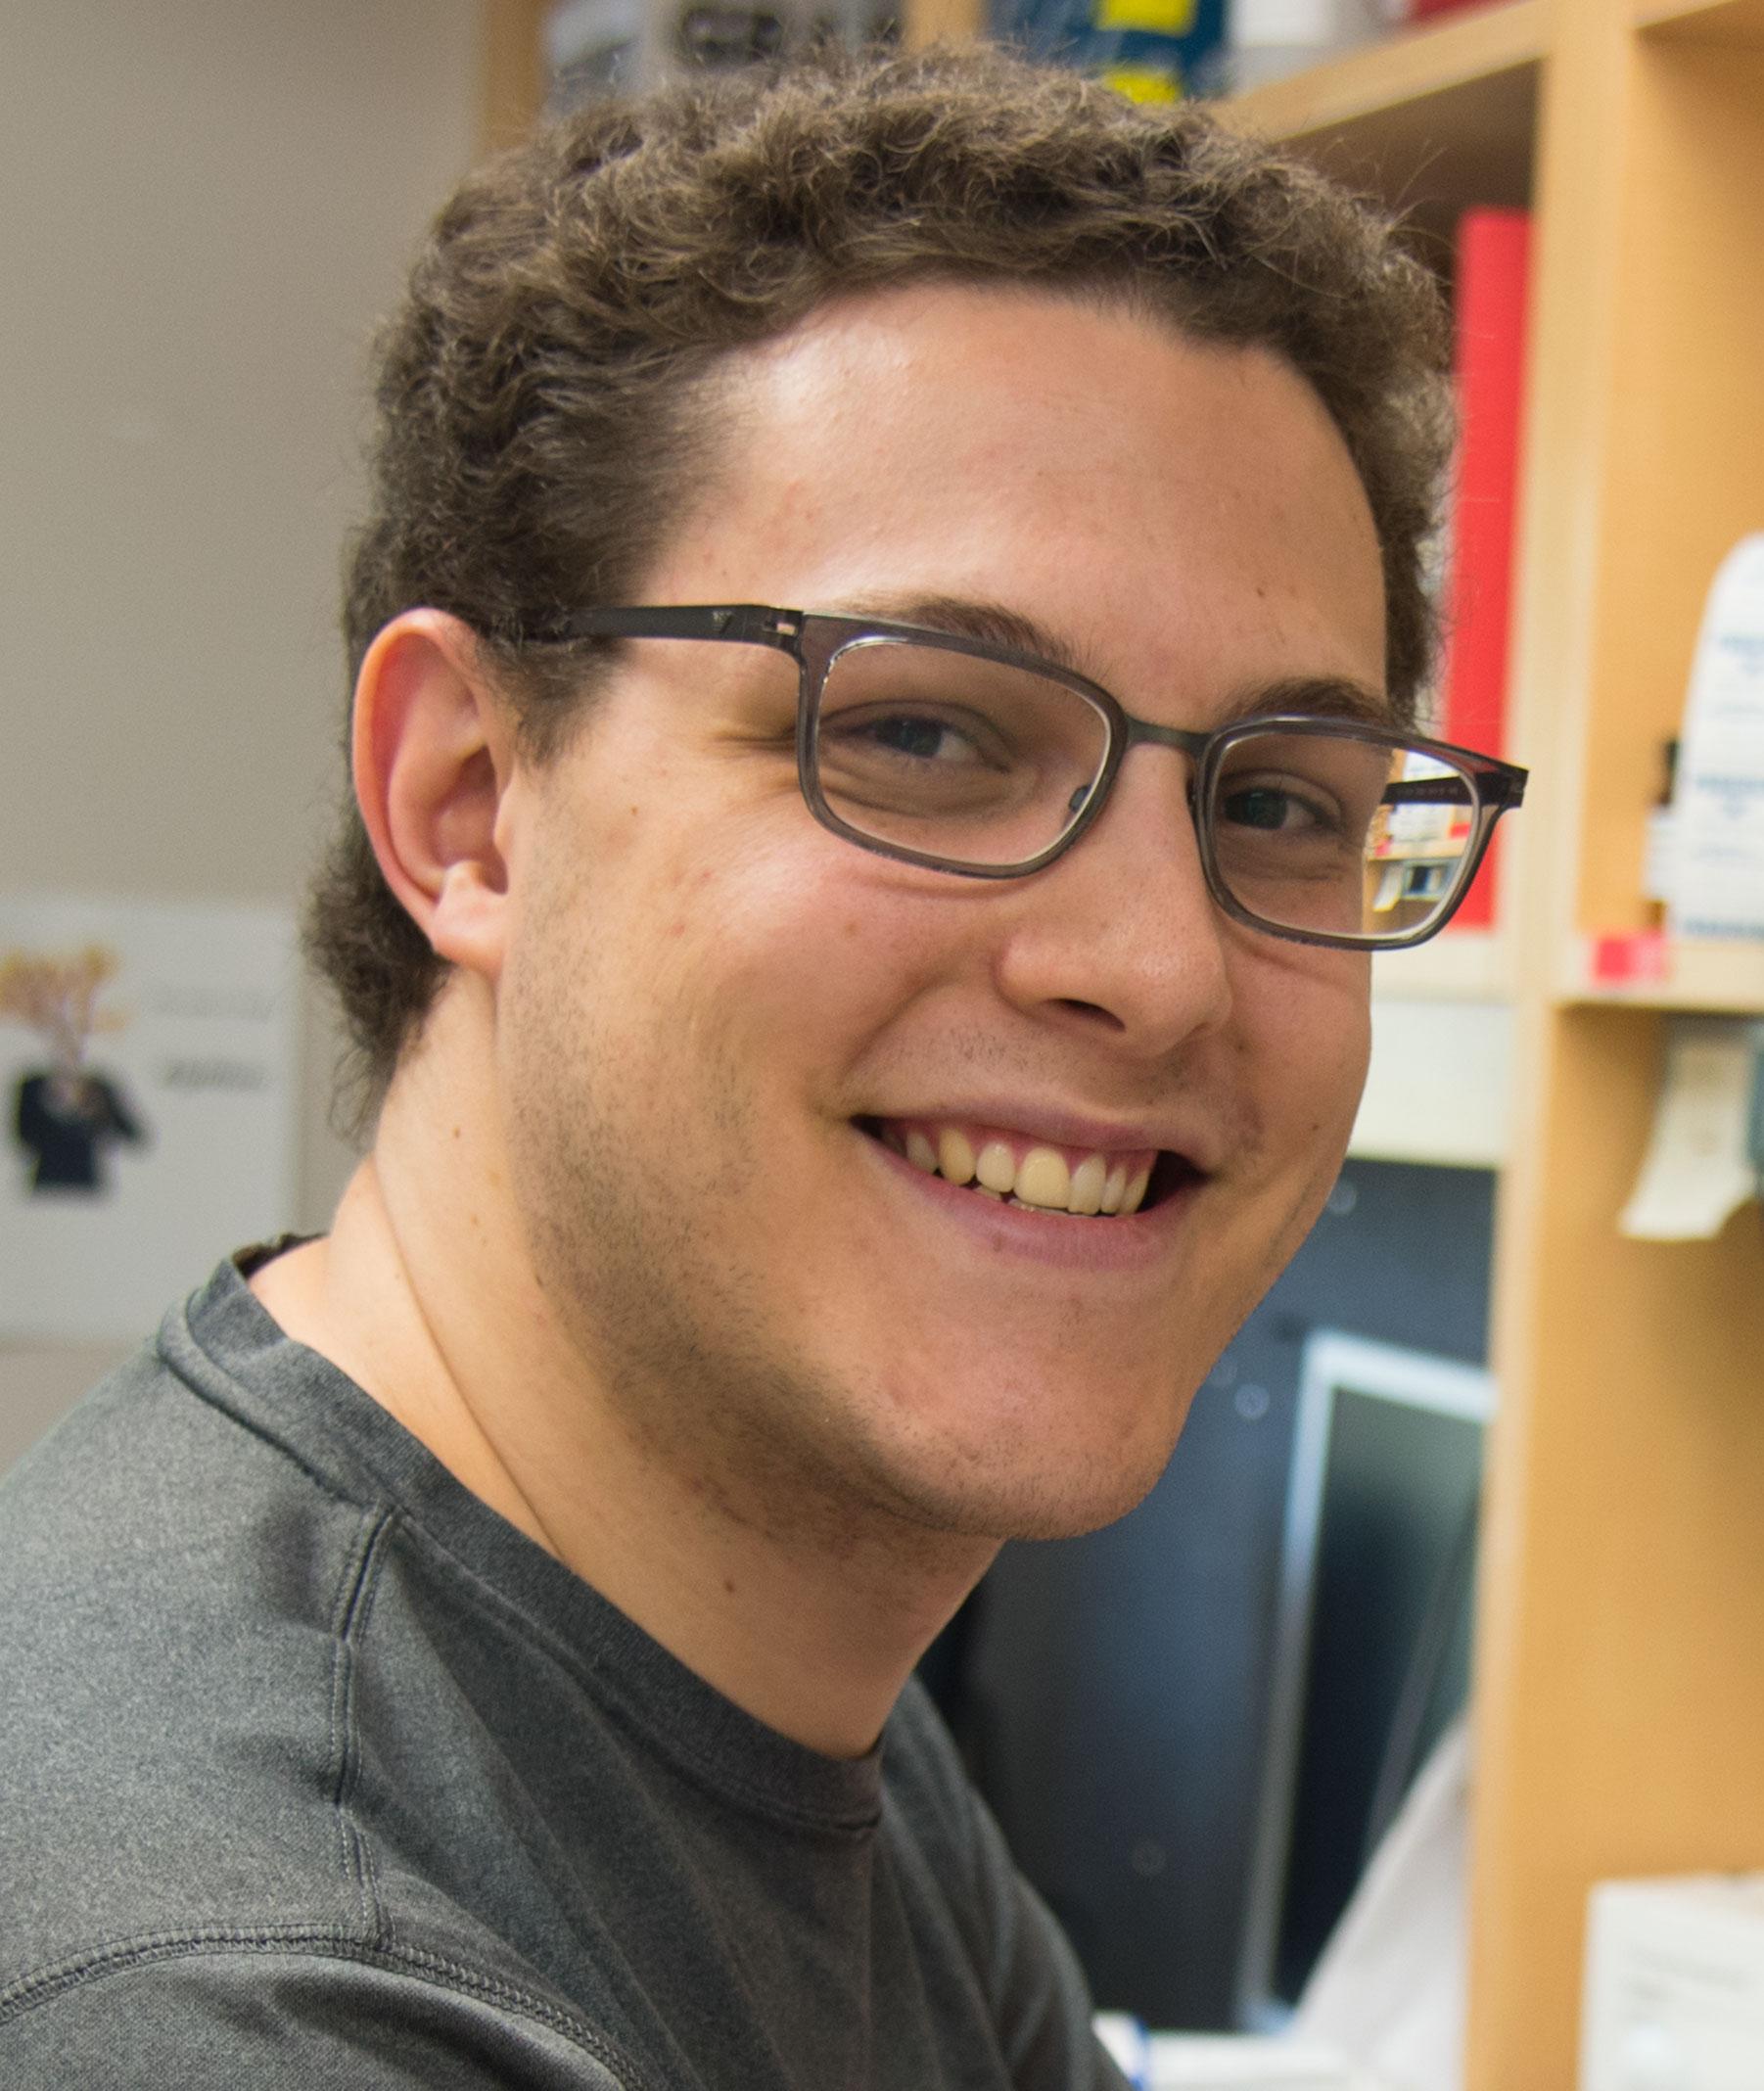 Photo of Nate Kuch, BTP Trainee